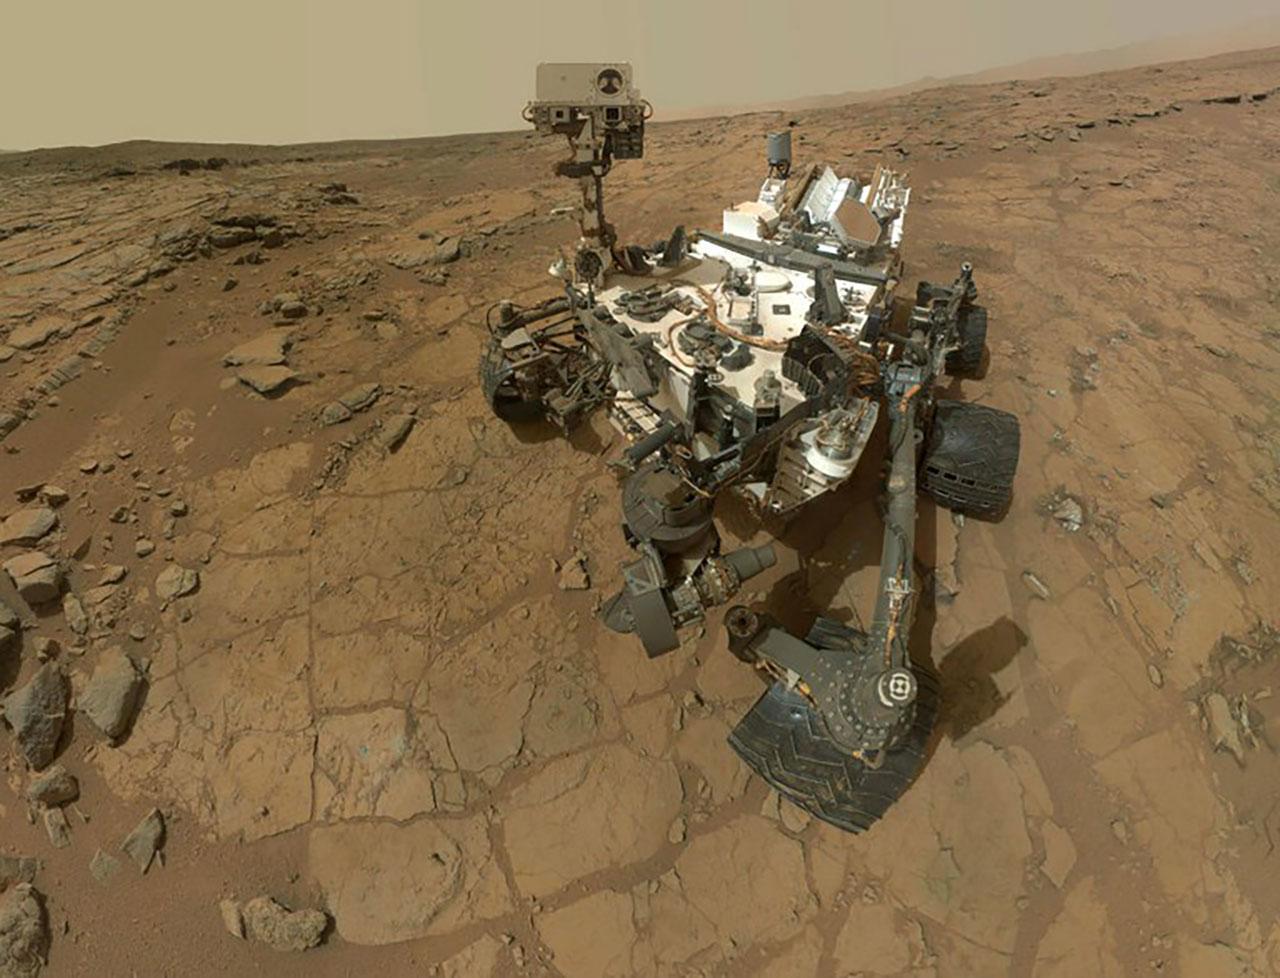 ยานสำรวจคิวริออสซิตี้บนดาวอังคาร